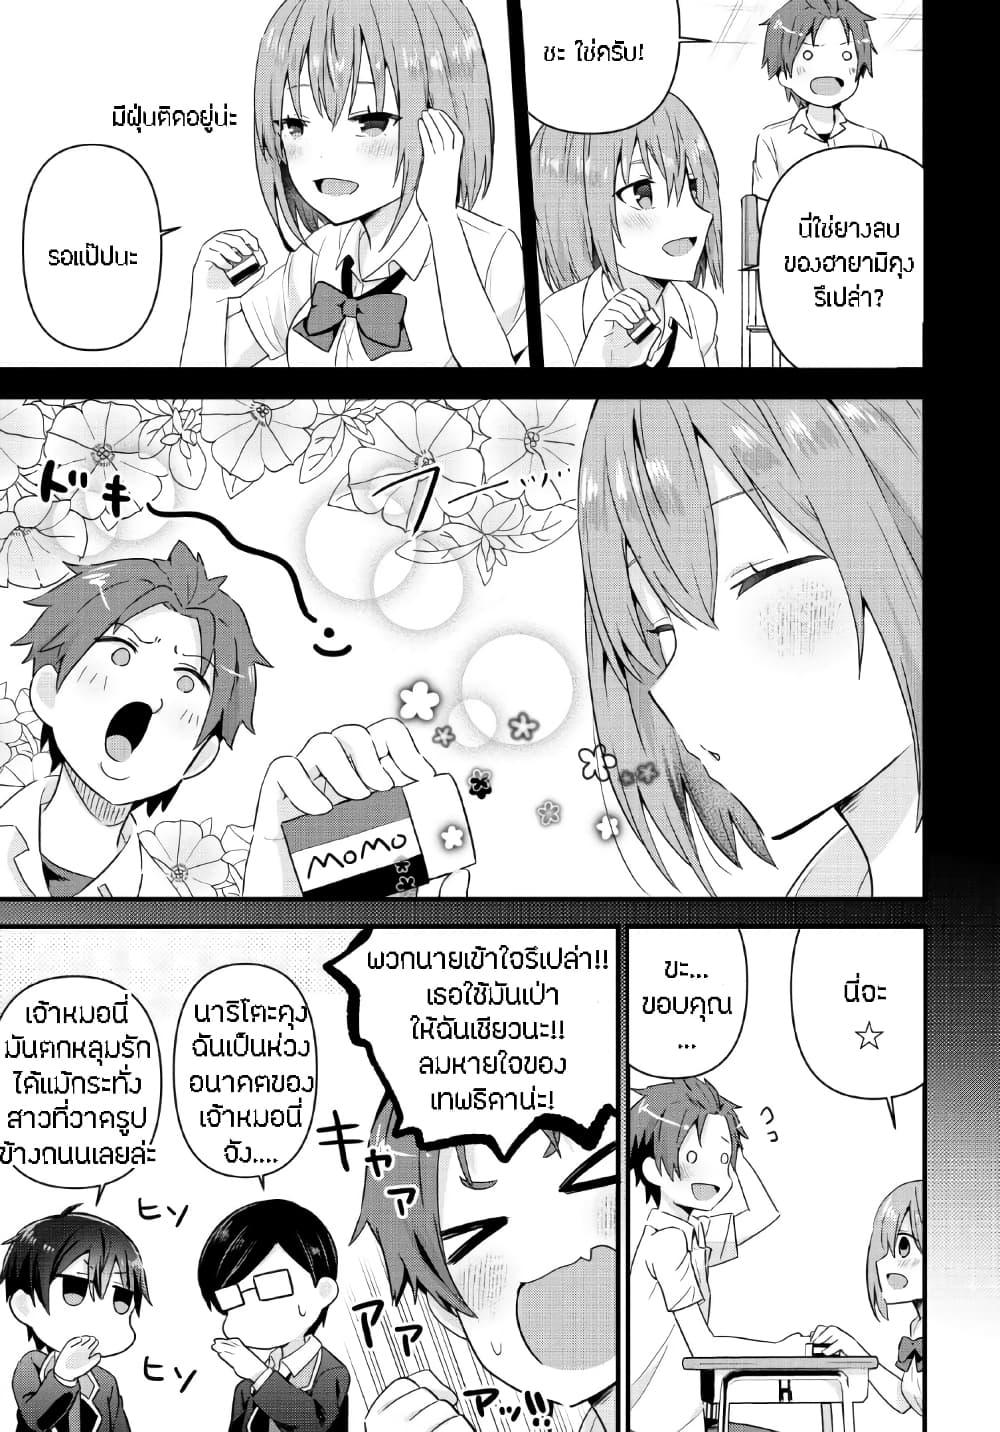 อ่านการ์ตูน Tonari no Seki ni Natta Bishoujo ga Horesaseyou to Karakatte Kuru ga Itsunomanika Kaeriuchi ni Shite Ita ตอนที่ 4 หน้าที่ 9